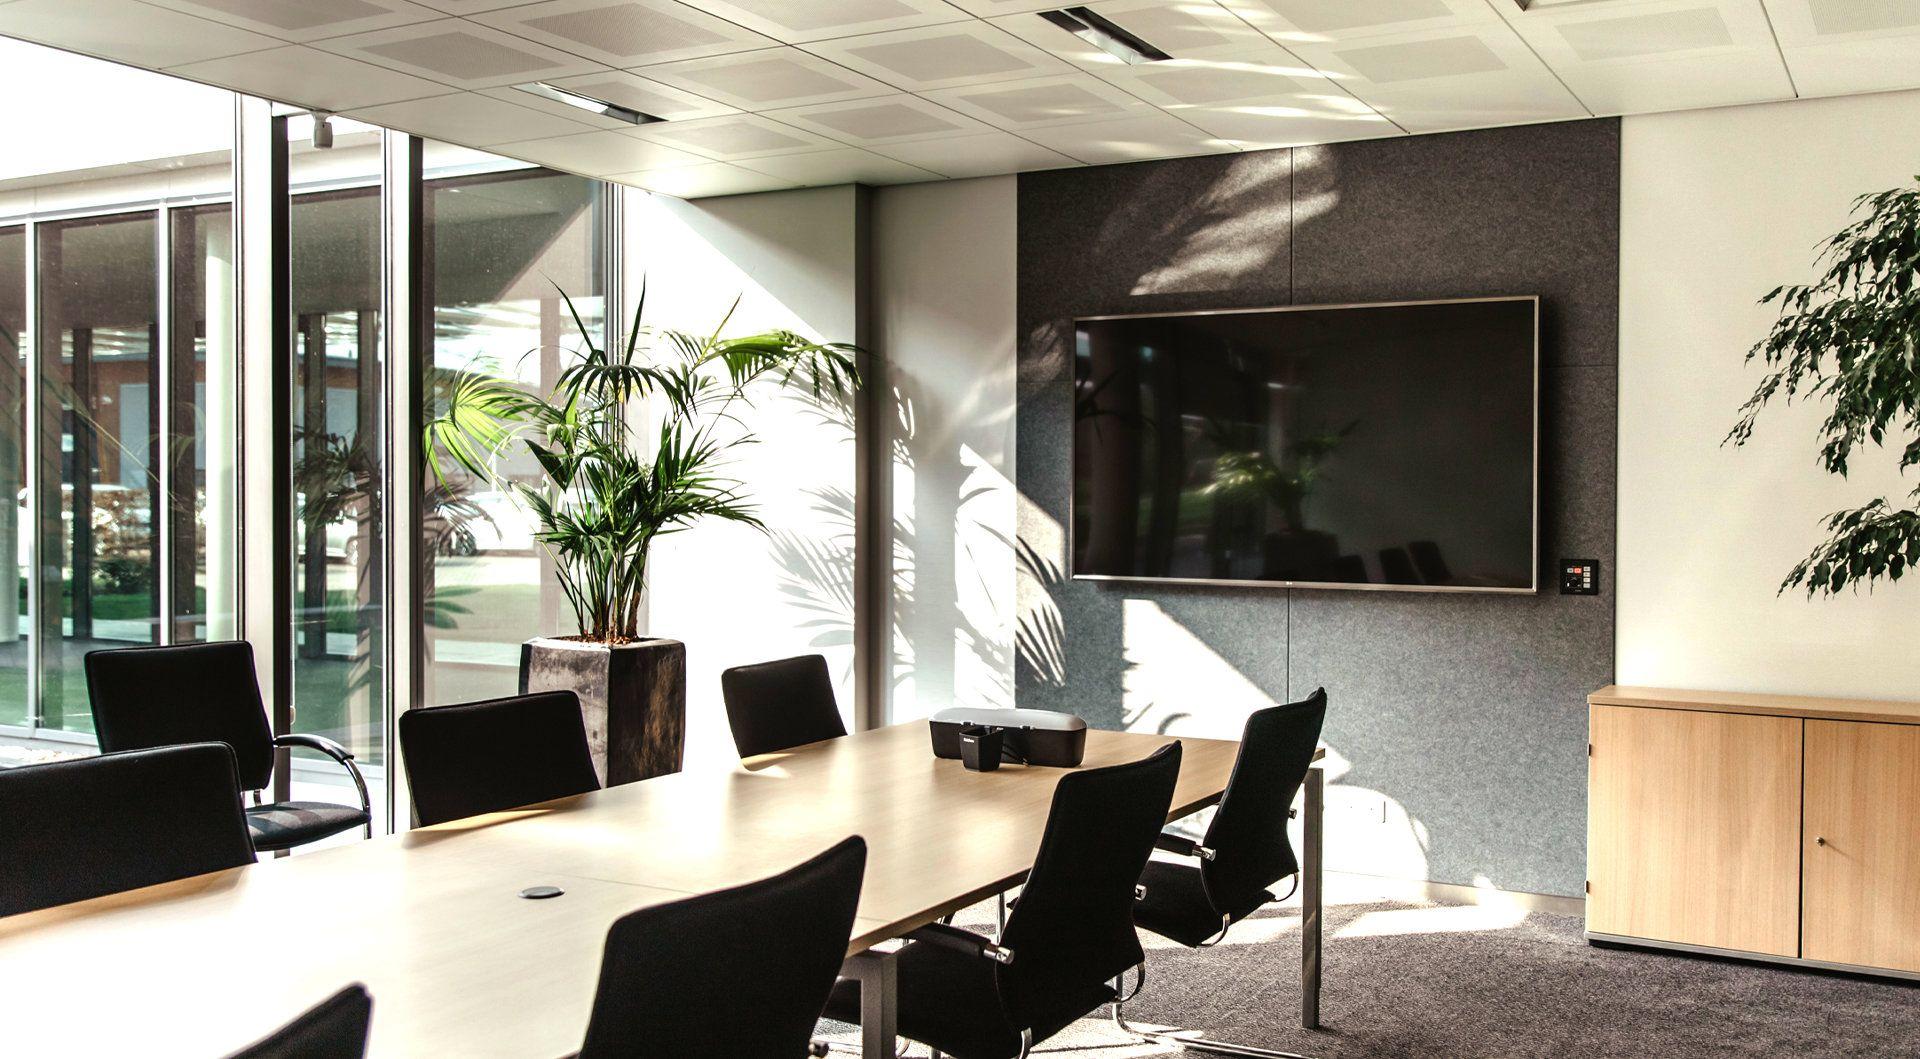 """ProDVX UW-28 71,1 cm (28"""") LCD Digitale signage flatscreen Zwart - Case studie de vries"""